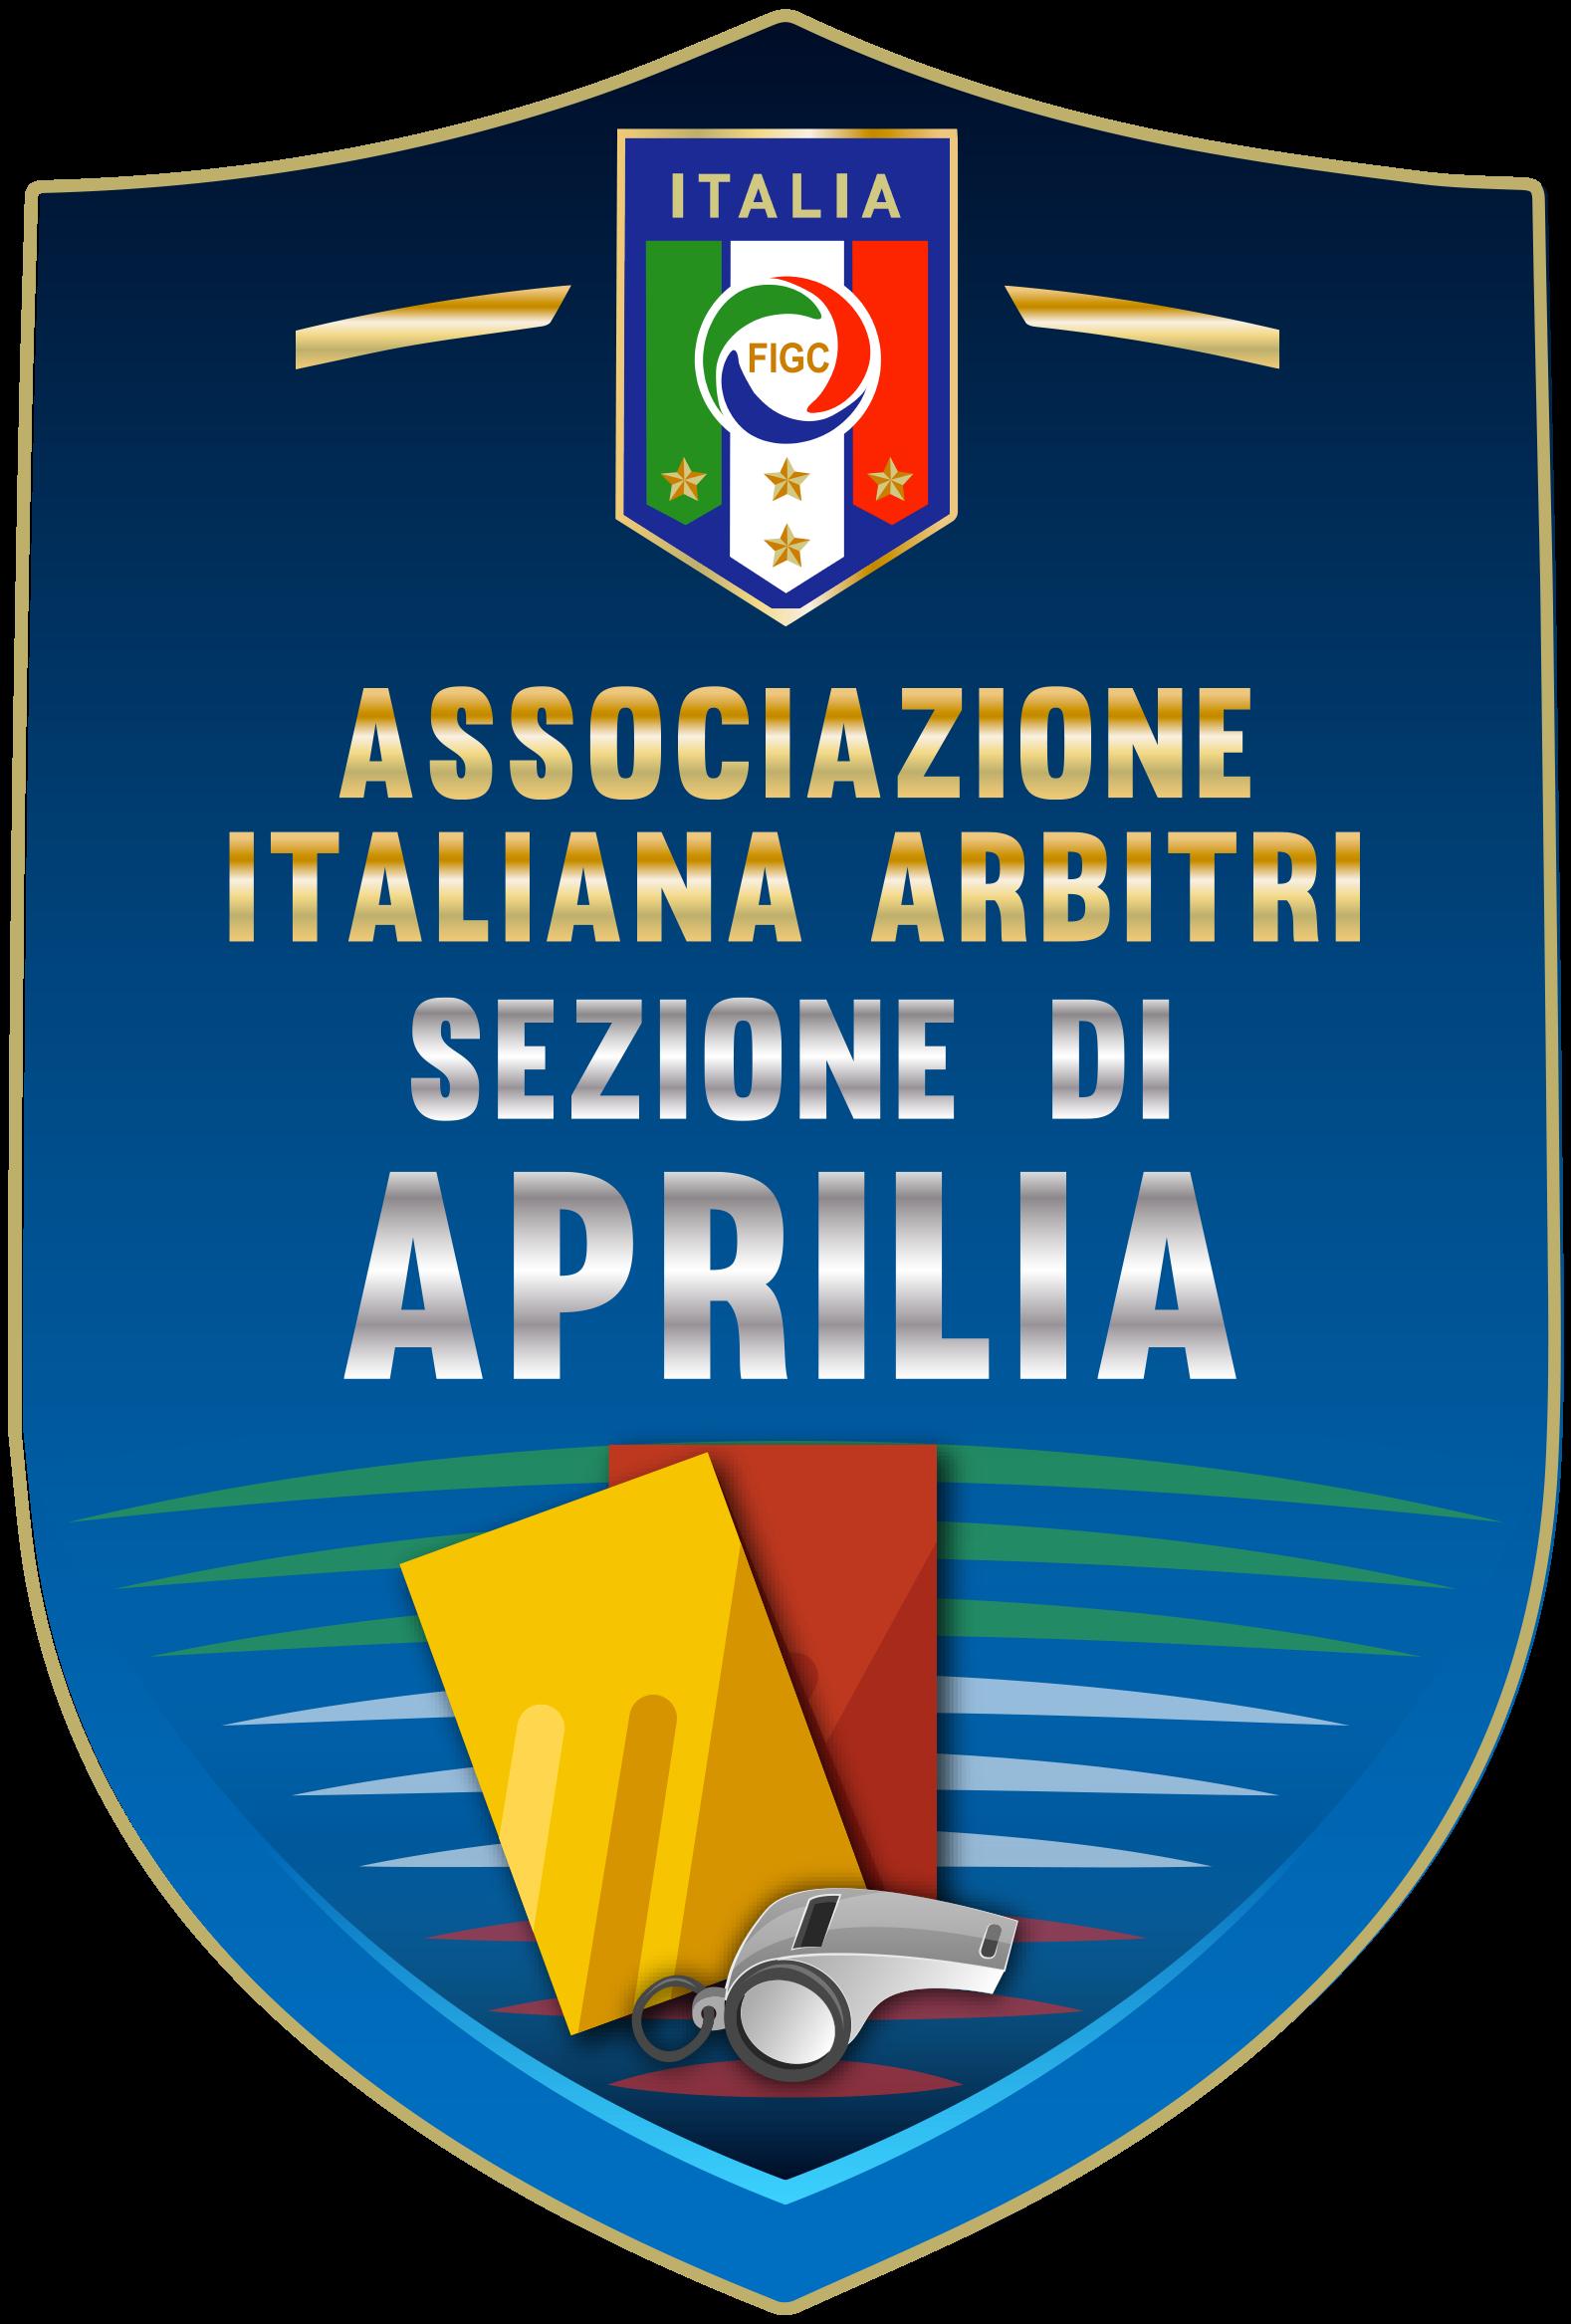 Sezione di Aprilia